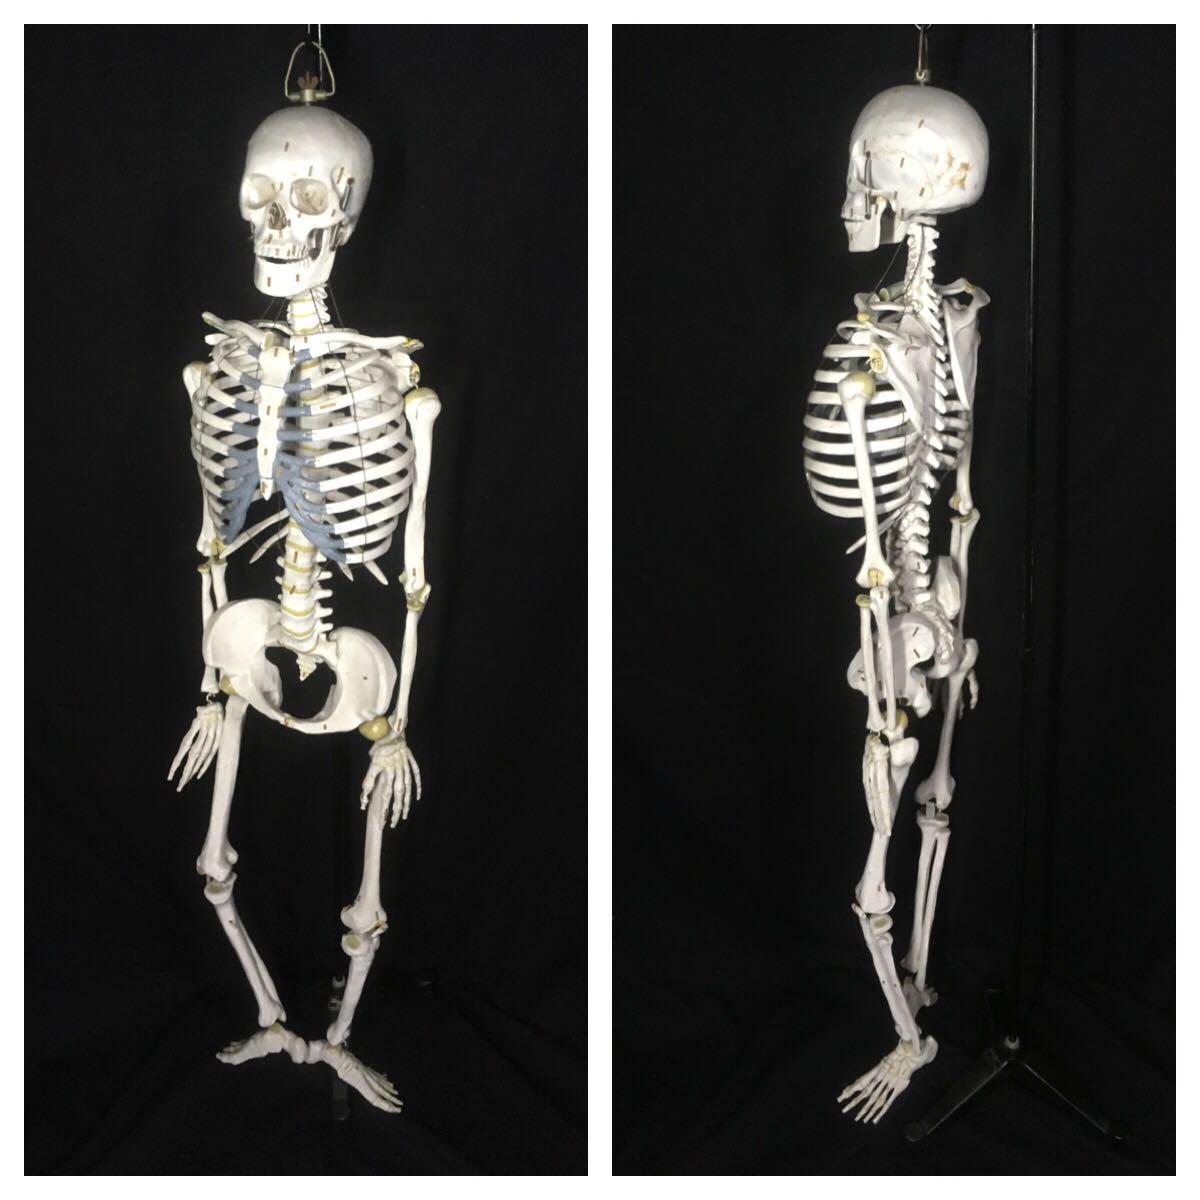 骨格人体模型 等身大 接骨院 教材用 医学部 整体 スタンド付 全長約147cm